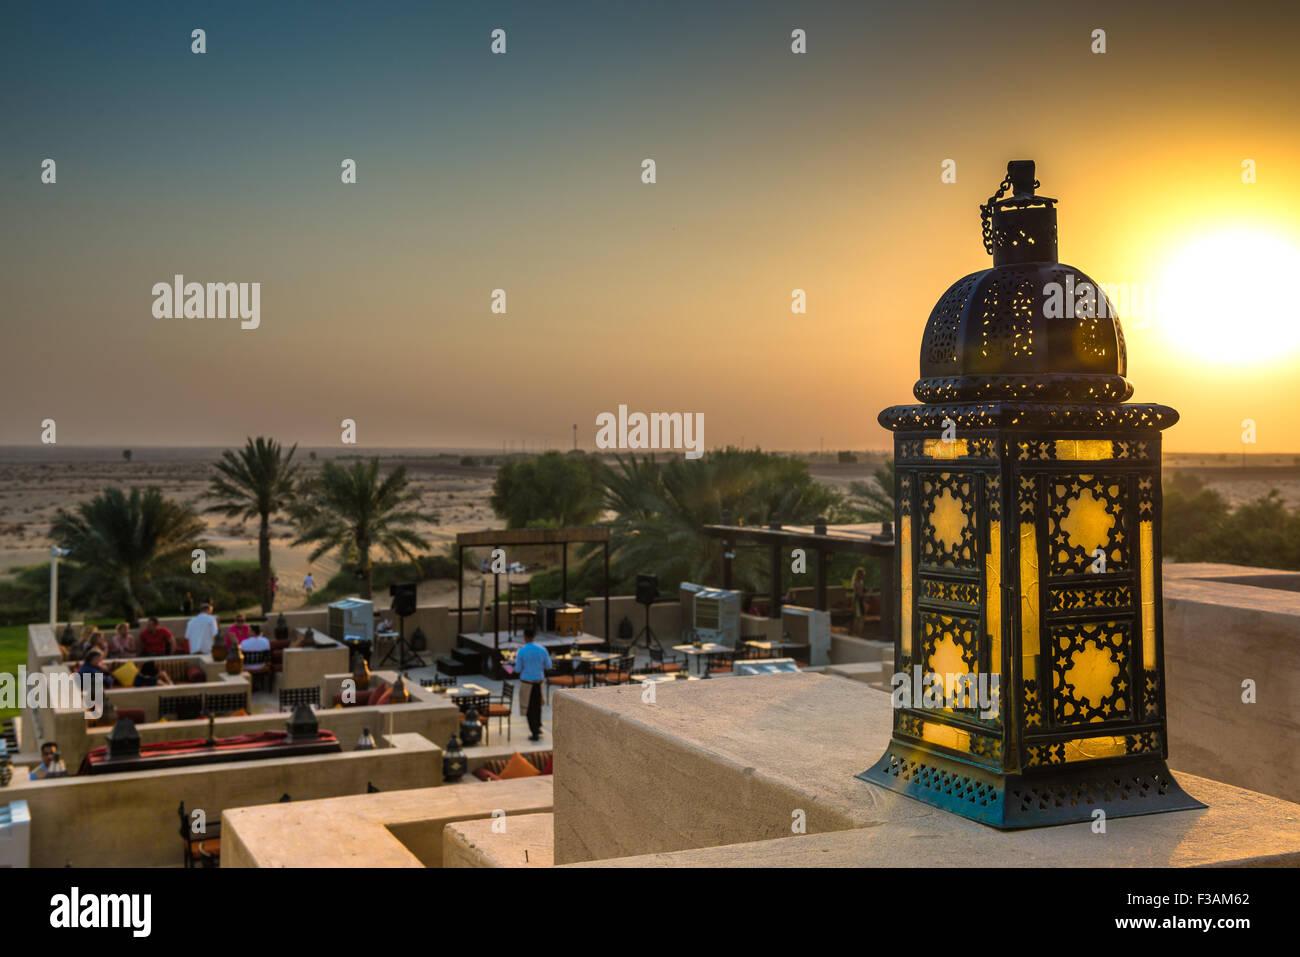 Coucher de soleil sur le désert de Dubaï, vu de l'Al Sarab Rooftop Lounge au Bab Al Shams Resort Photo Stock